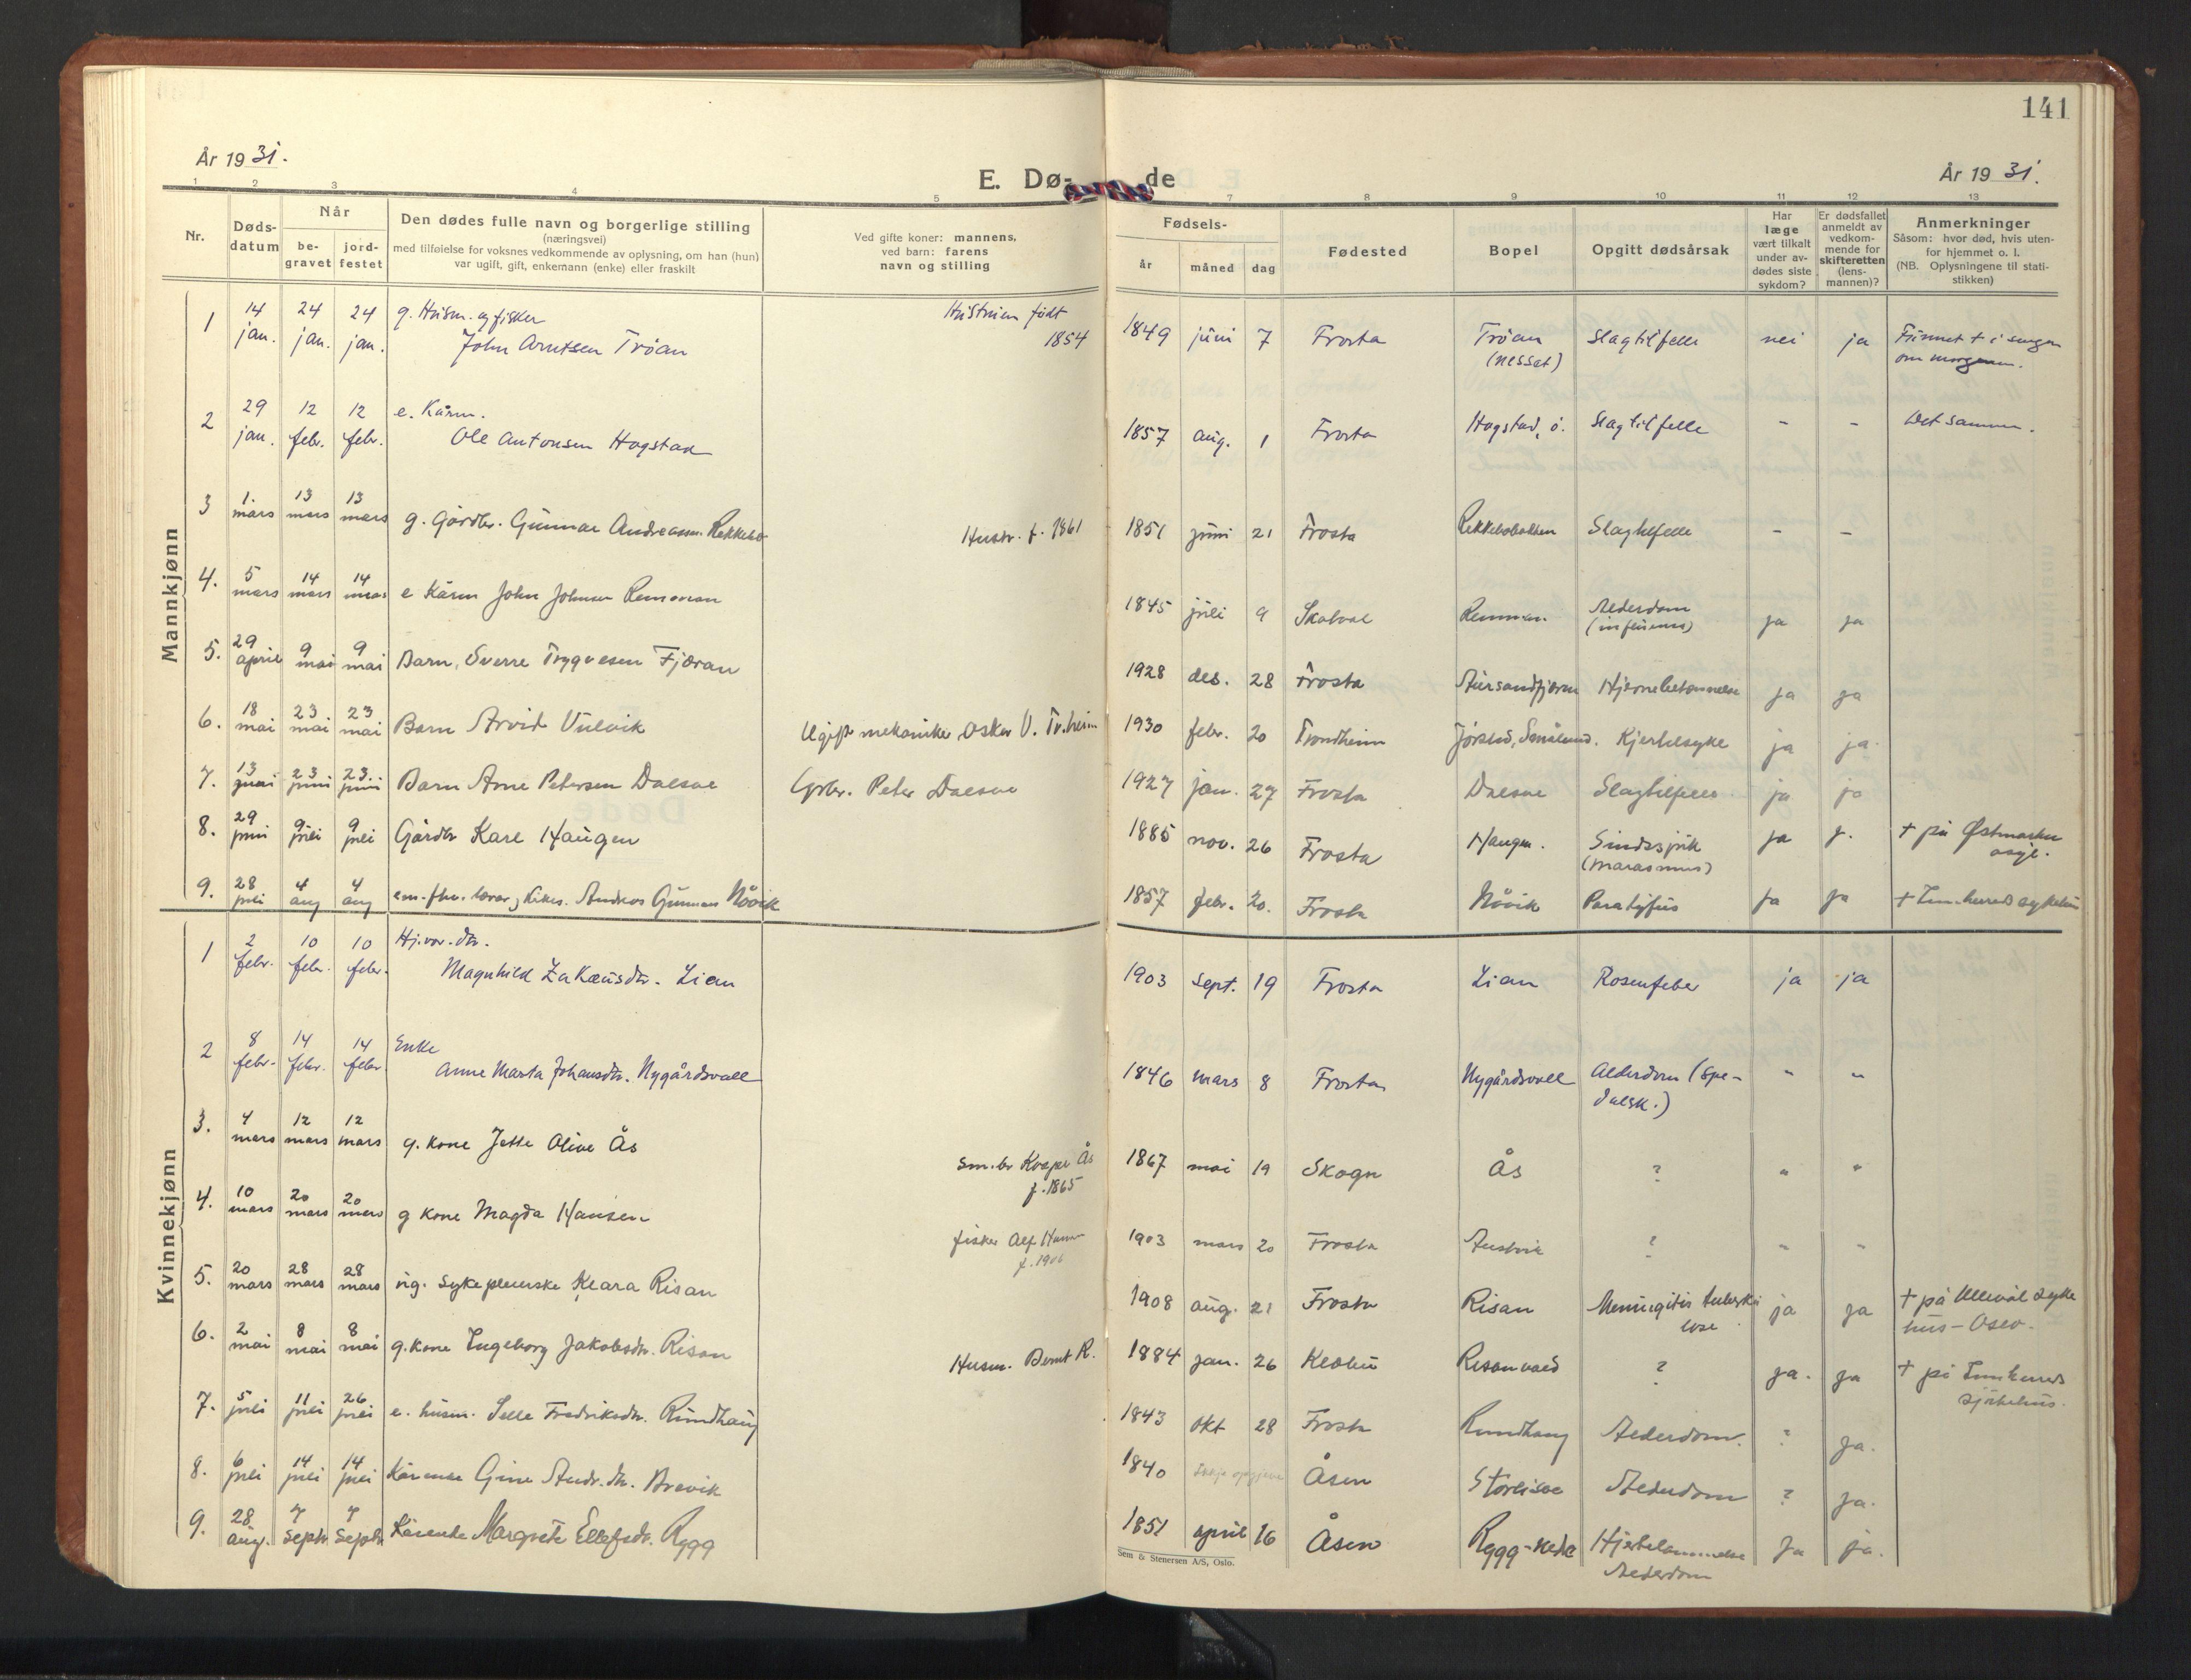 SAT, Ministerialprotokoller, klokkerbøker og fødselsregistre - Nord-Trøndelag, 713/L0125: Klokkerbok nr. 713C02, 1931-1941, s. 141